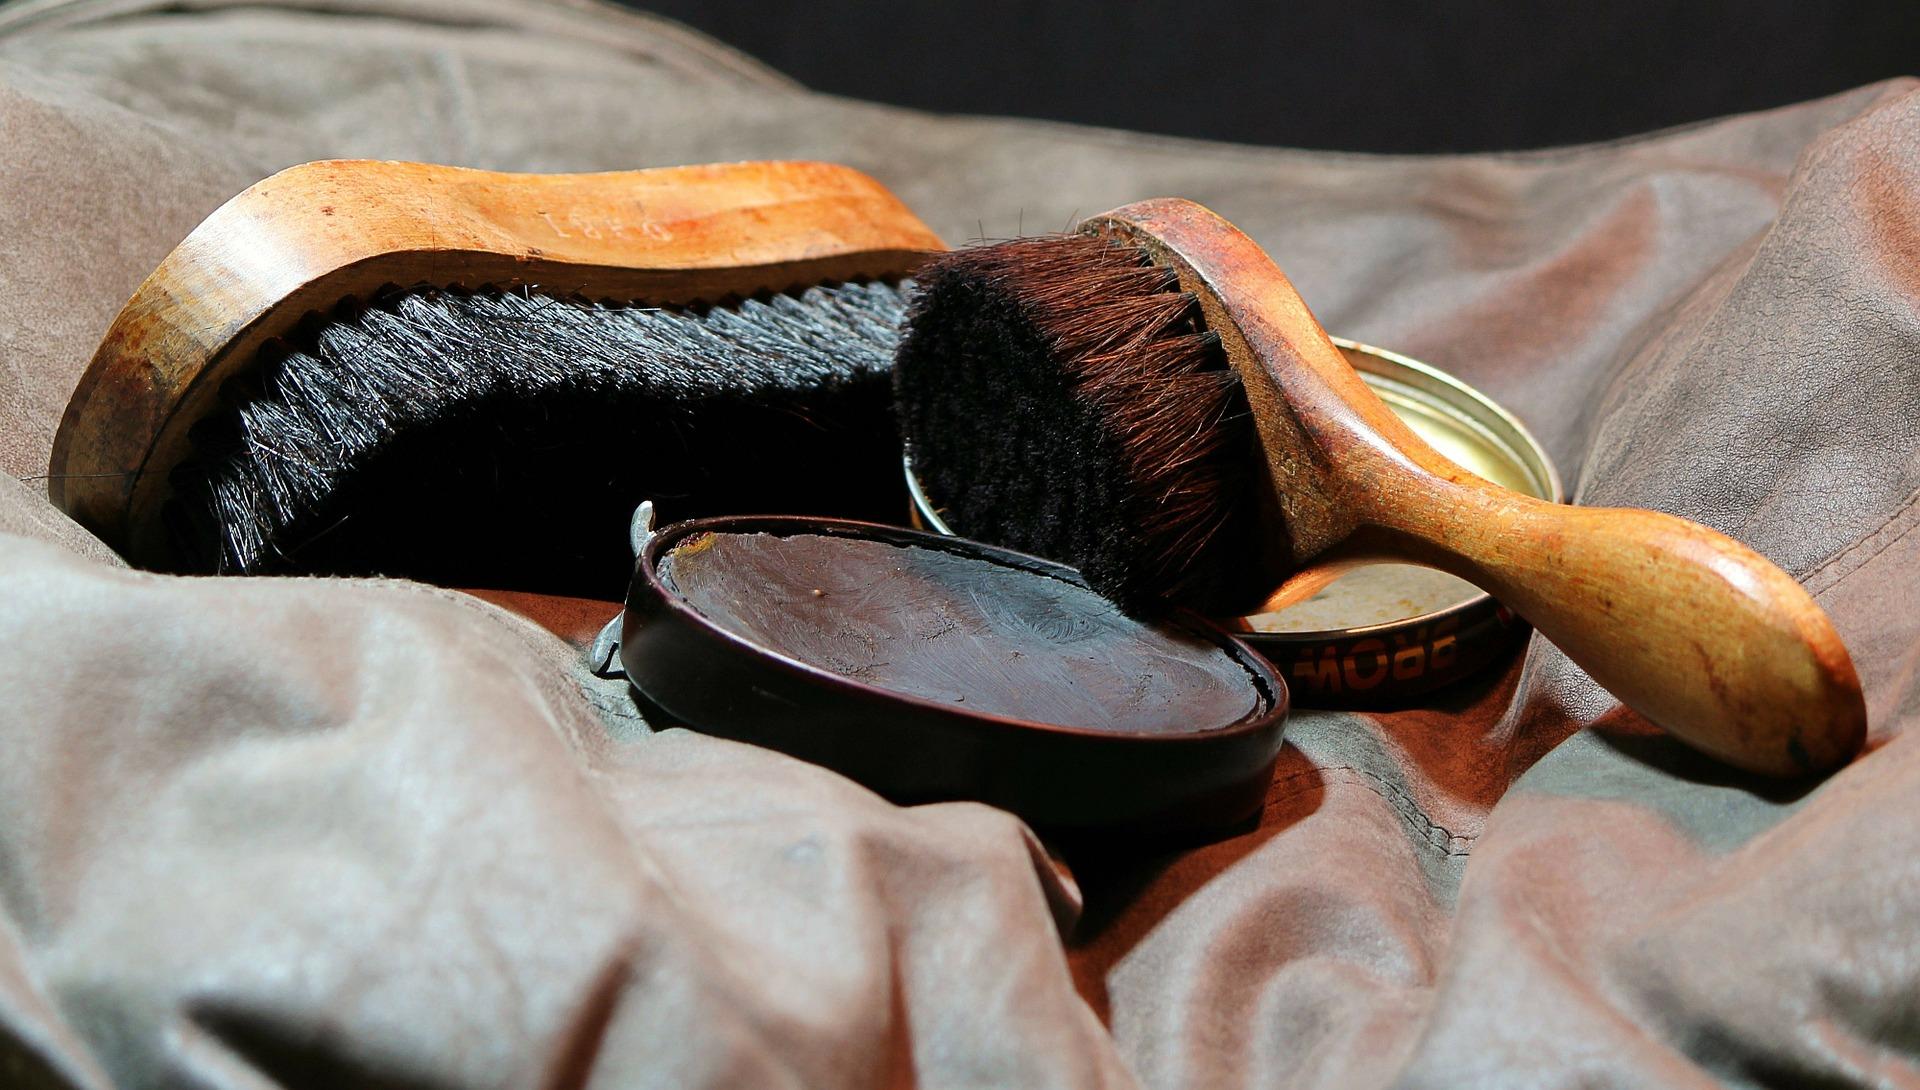 ¡6 consejos muy sencillos para cuidar tu calzado!